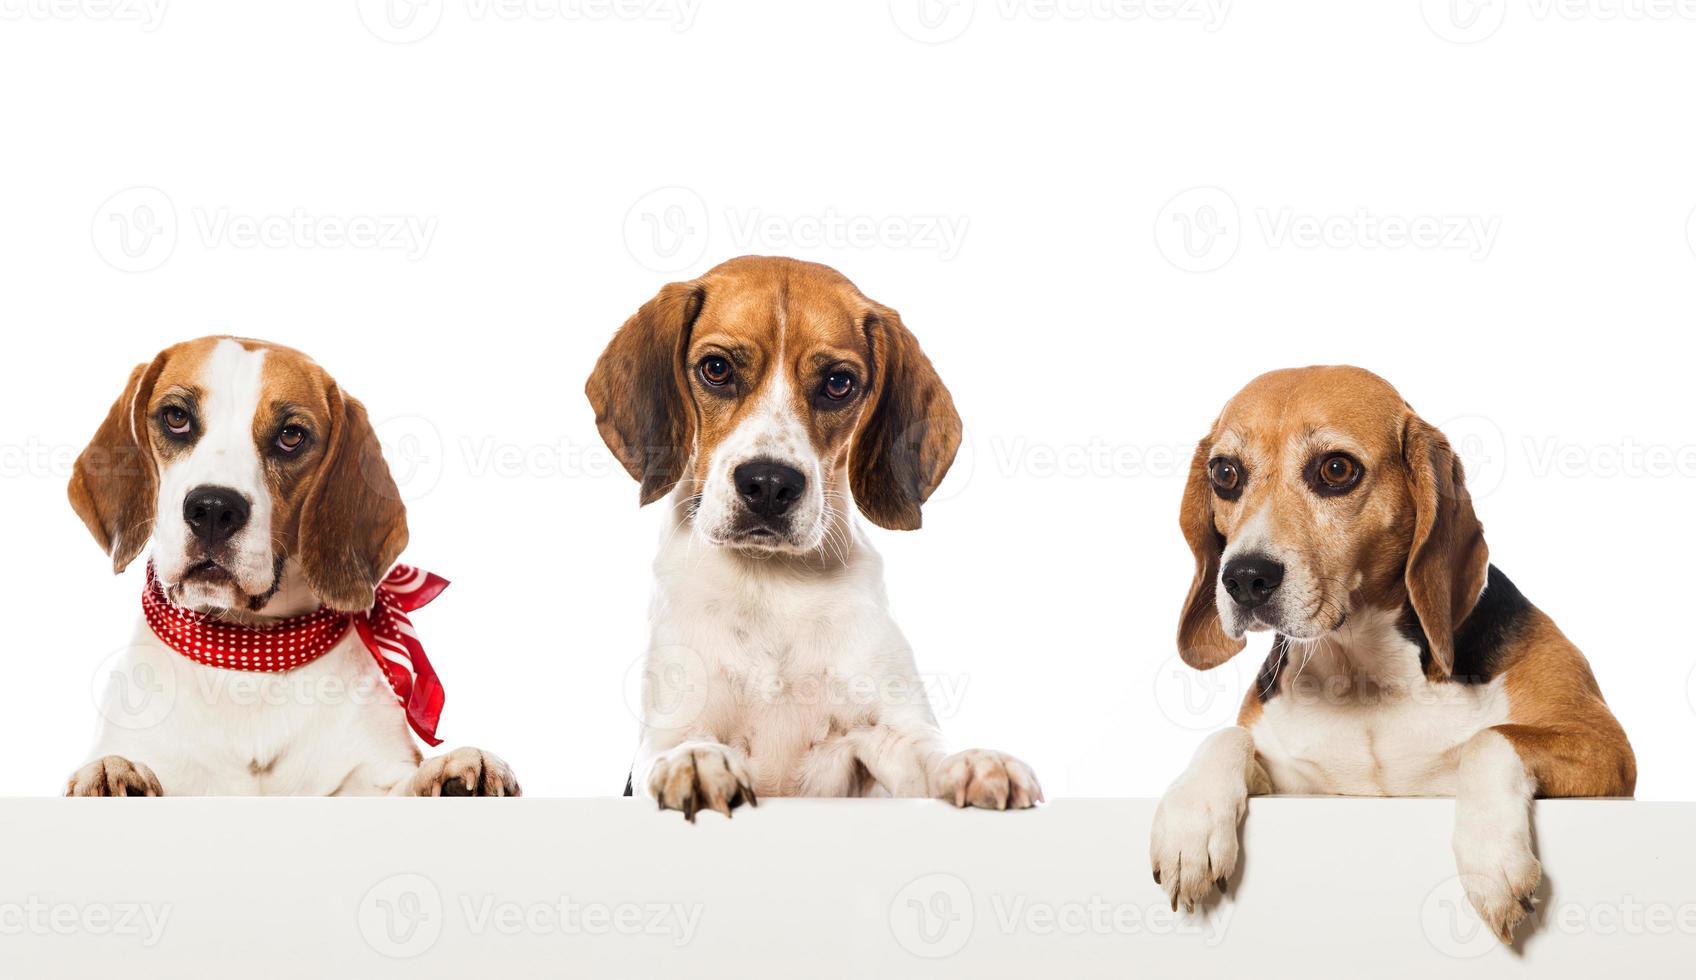 Three beagles photo